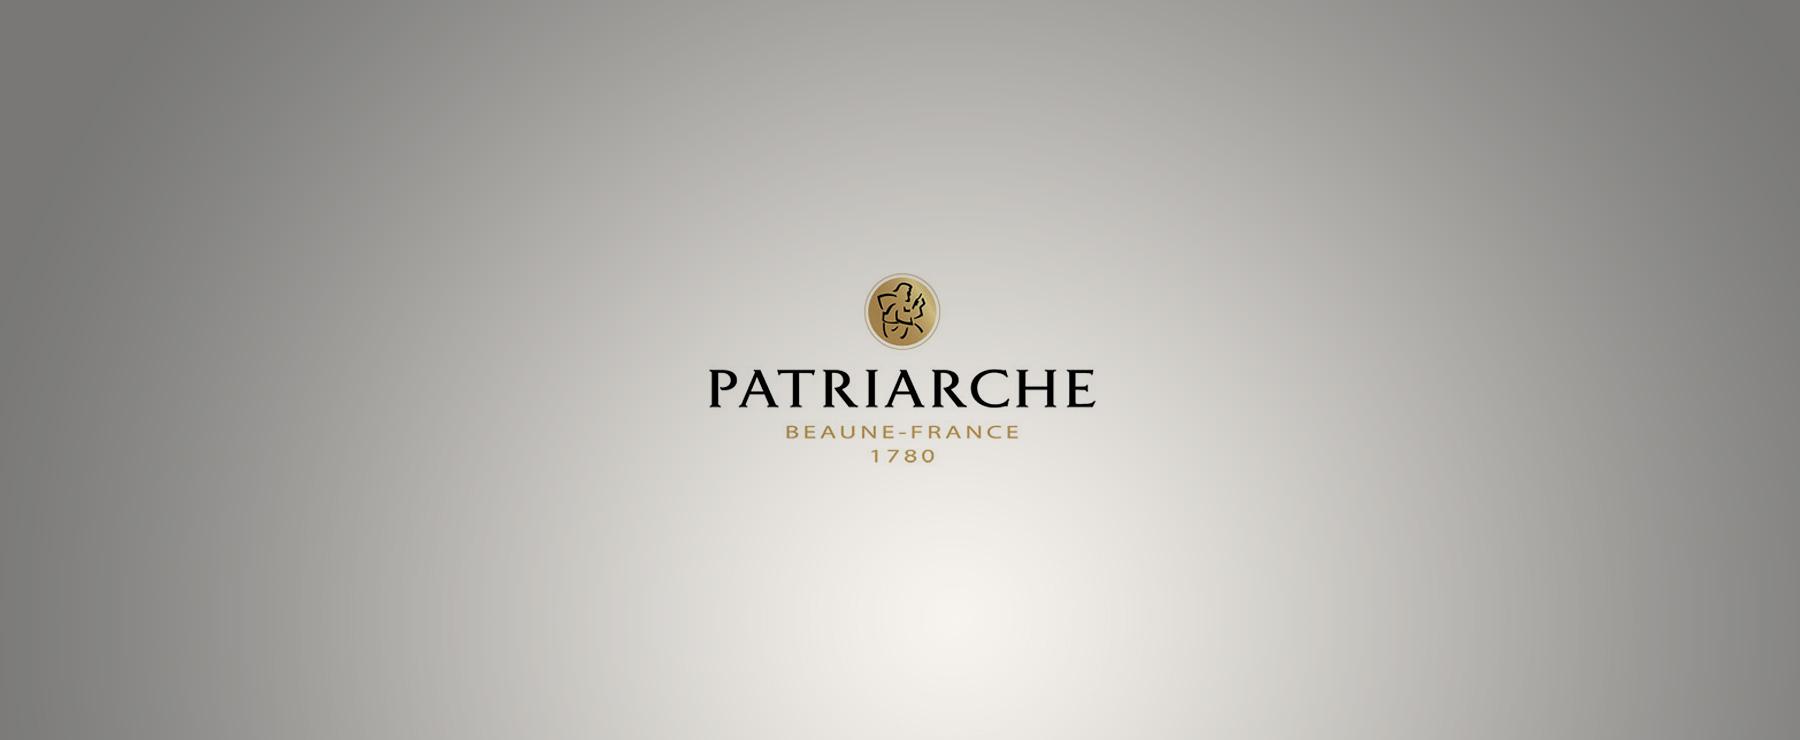 patriarche-bg